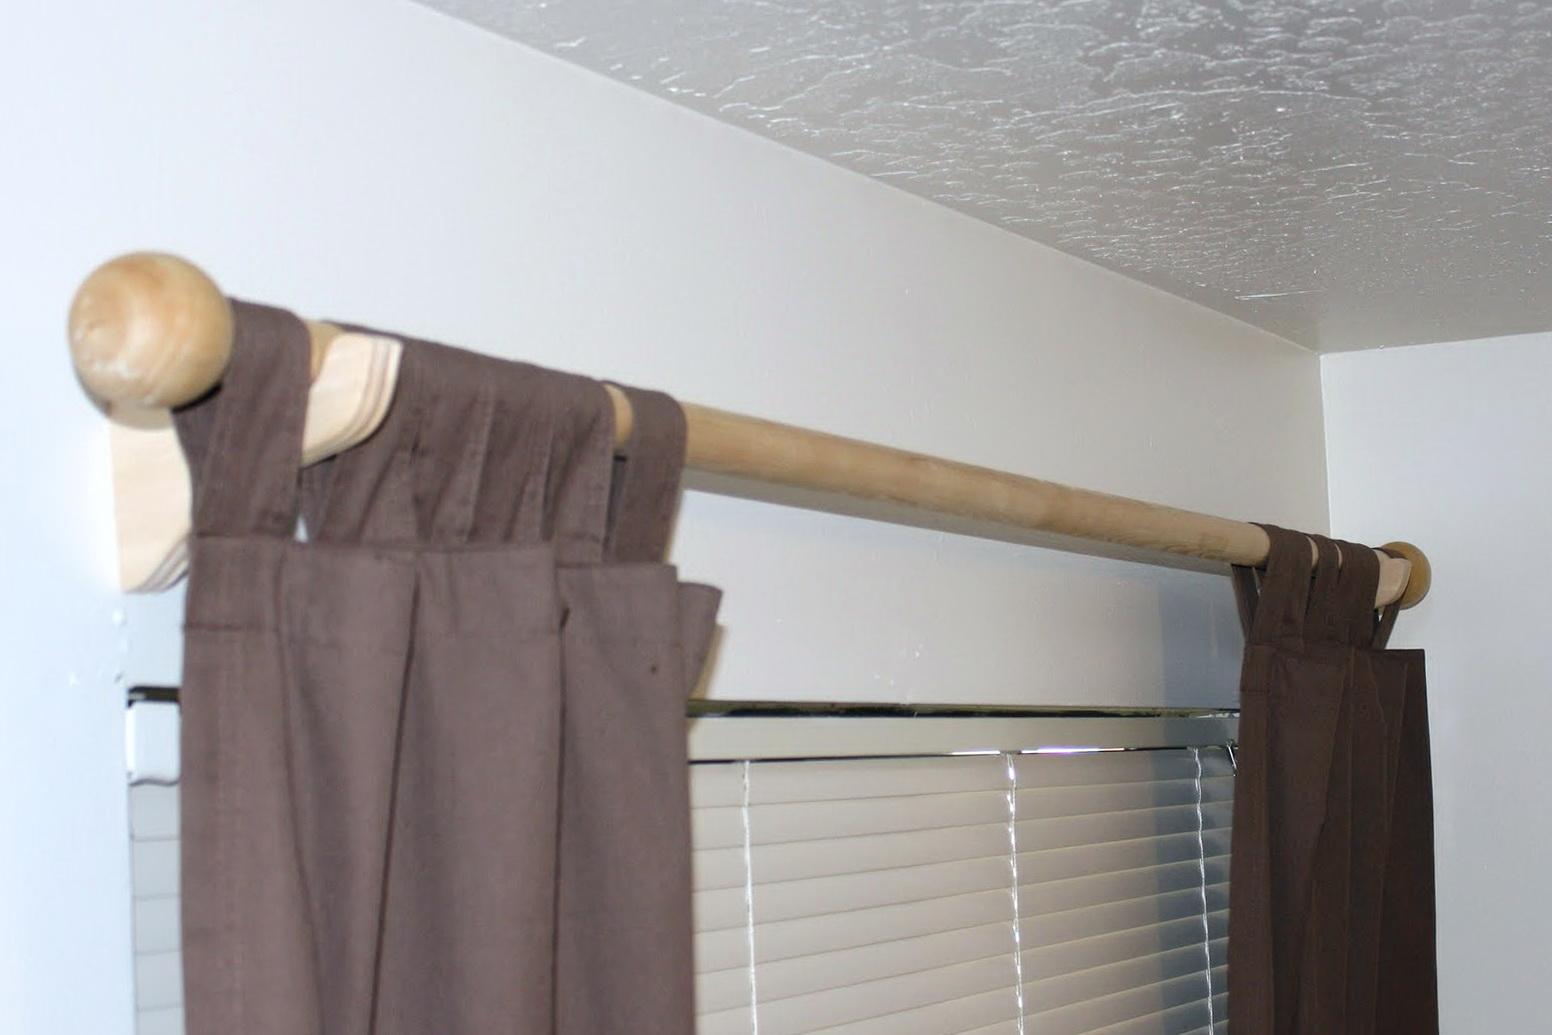 Wooden Curtain Rod Brackets Home Depot